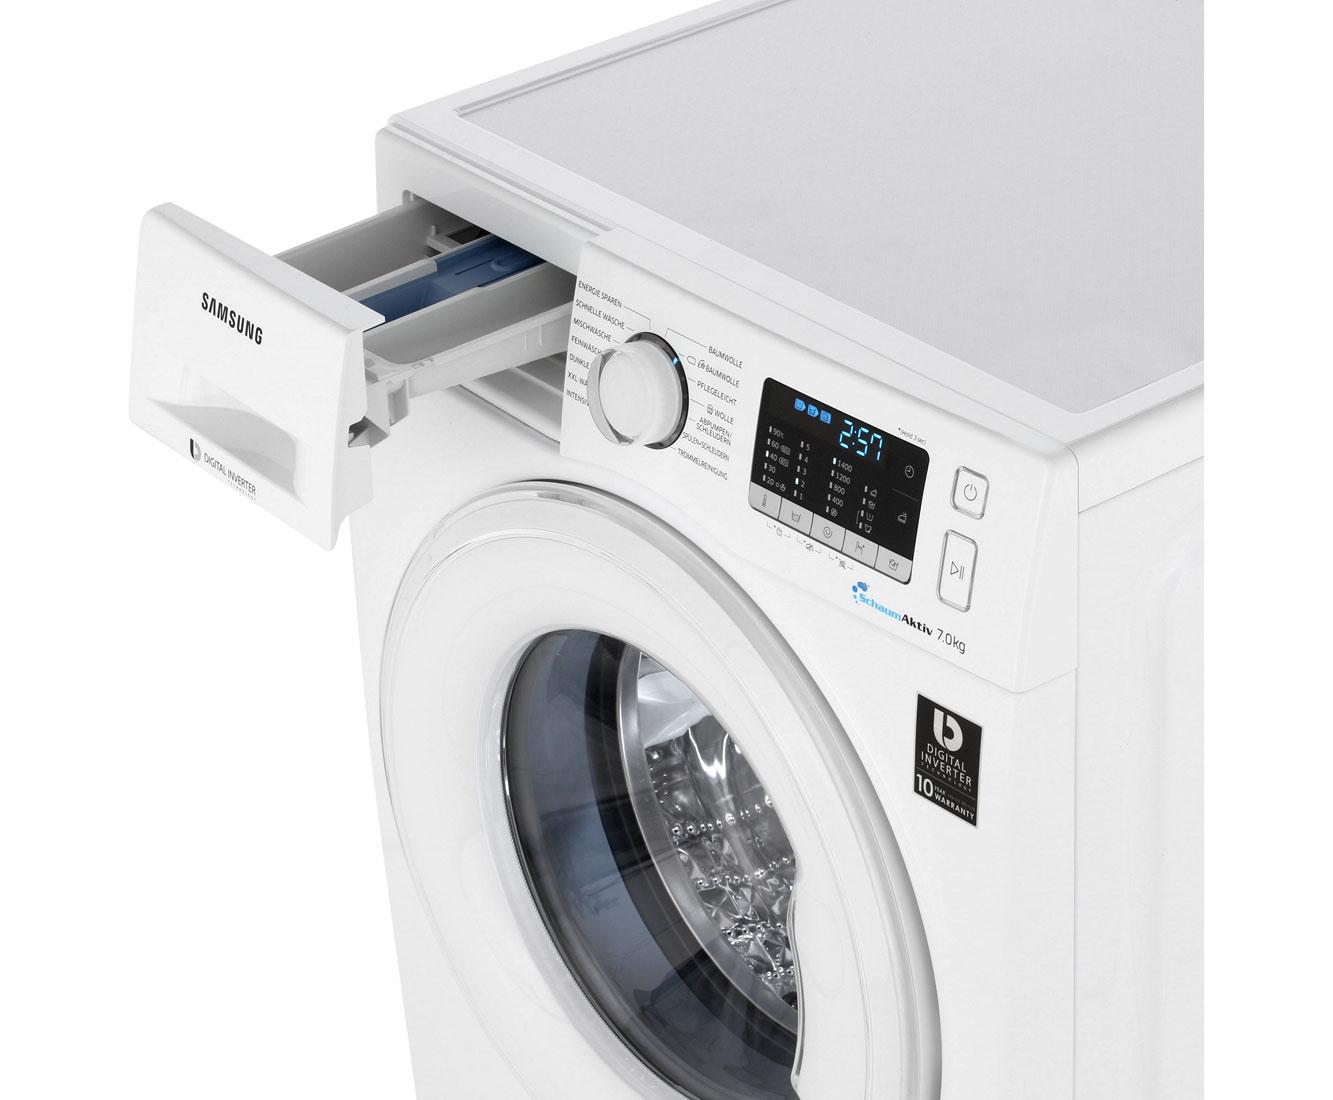 samsung ww70j5435dw eg waschmaschine freistehend wei neu ebay. Black Bedroom Furniture Sets. Home Design Ideas